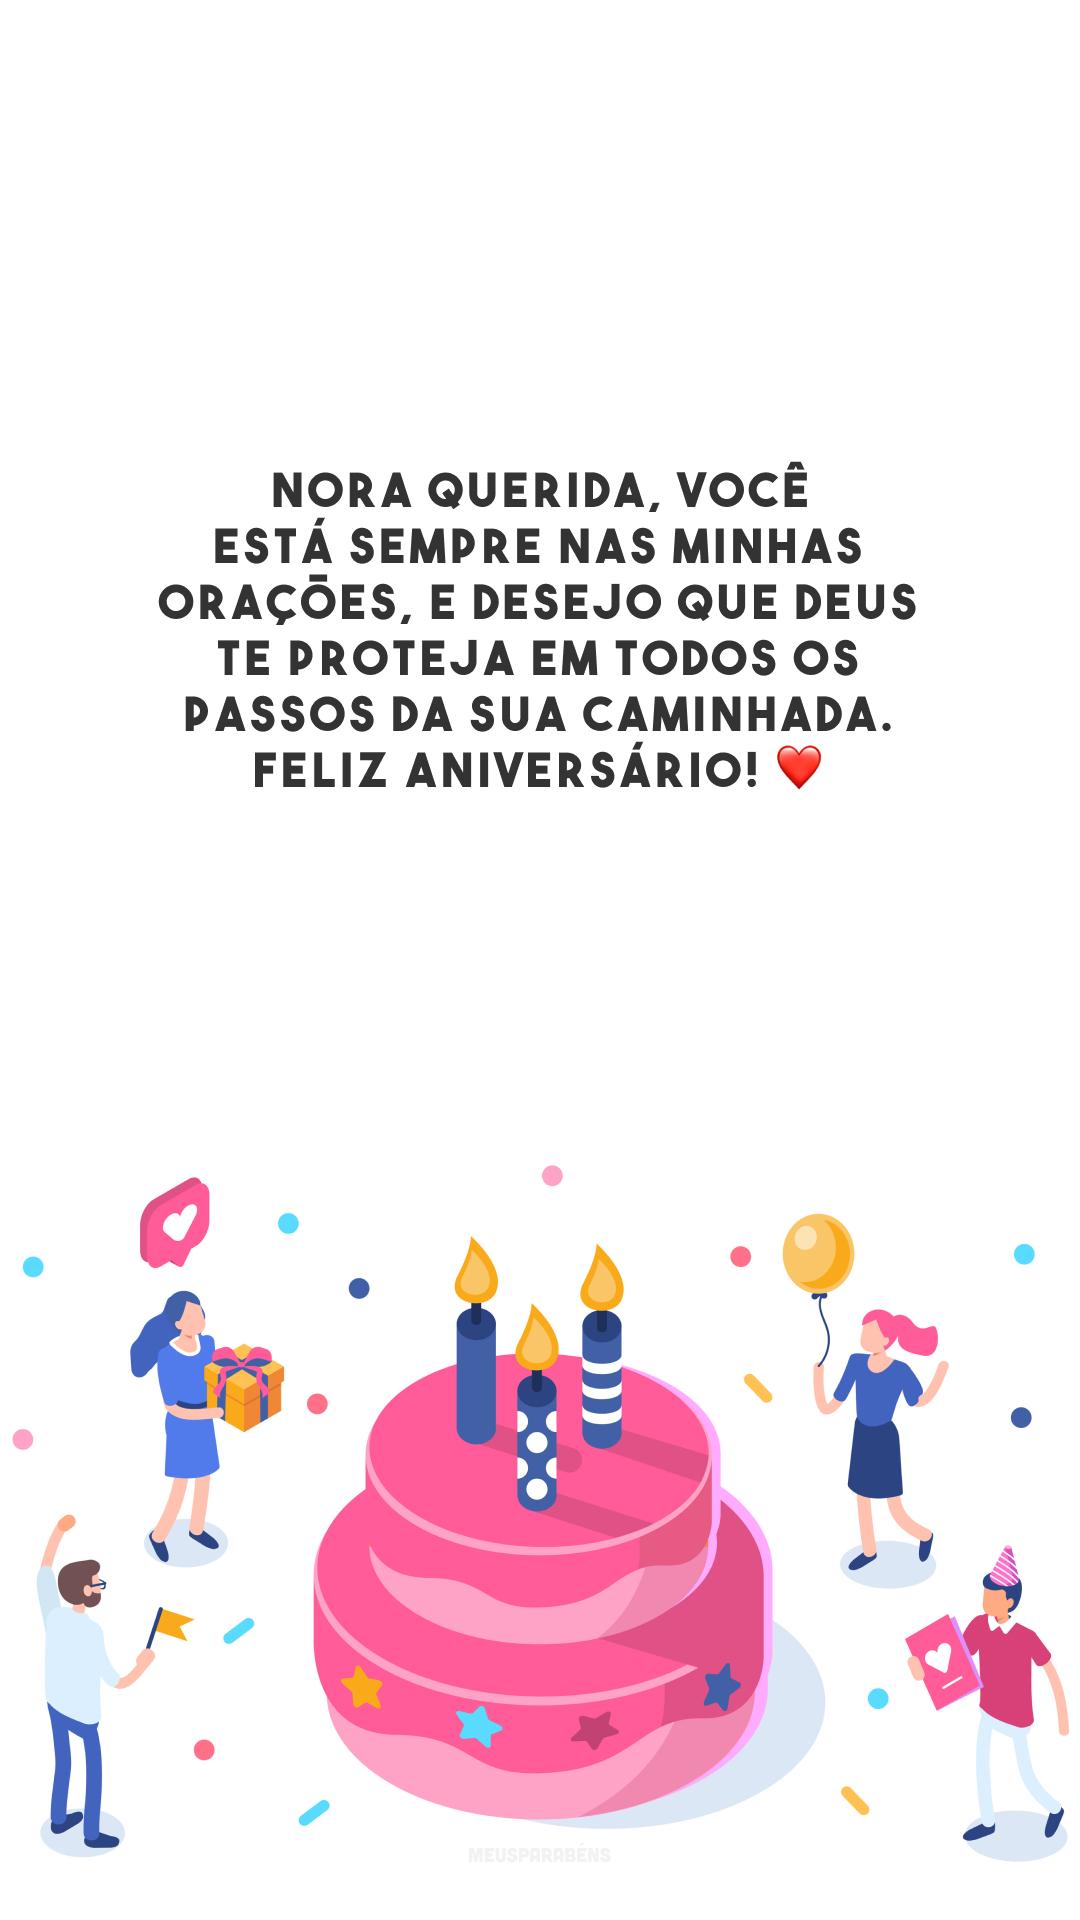 Nora querida, você está sempre nas minhas orações, e desejo que Deus te proteja em todos os passos da sua caminhada. Feliz aniversário! ❤️